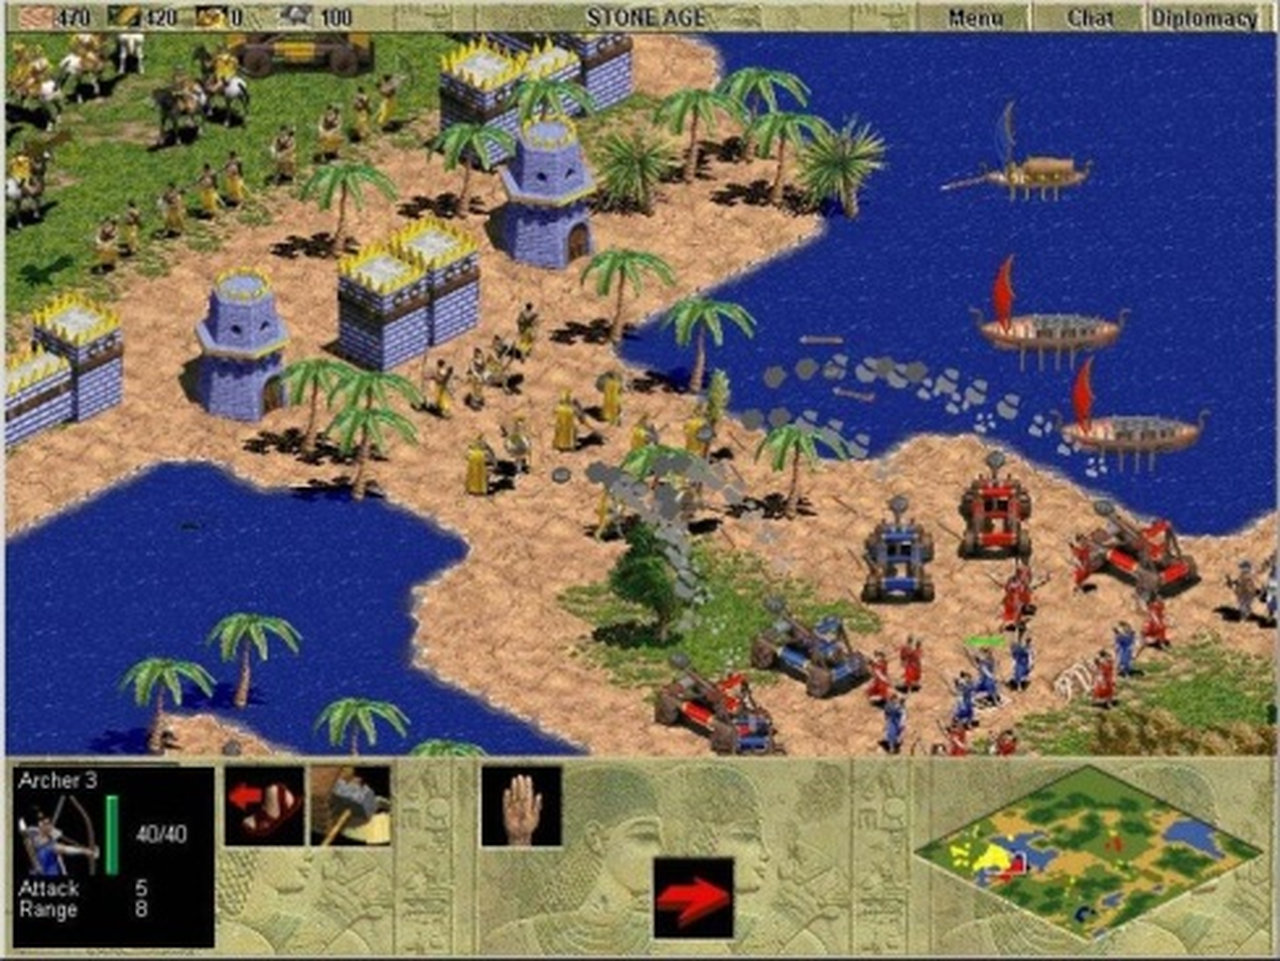 Wenn die Karte passte, bevorzugte ich die Griechen wegen ihrer Seefahrer-Fertigkeiten. Die Age of Empires-Reihe zählt für mich ohnehin zum Besten auf dem PC. Nicht nur der Multiplayer-Modus, auch die Kampagnen hatten es mir angetan. AoE war anders als Command & Conquer, StarCraft oder Civilisation. Vor allem das frühzeitliche Setting mit unterschiedlichen Kulturen und Völkern fand ich faszinierend. Hier wurde Geschichte geschrieben; im wahrsten Sinne des Wortes. Und es war sehr umfangreich (zwölf Zivilisationen, vier Zeitalter, viele erforschbare Technologien und mehrere Spielmodi, von der Einzelspielerkampagne über diverse Mehrspielermodi bis hin zu einem Editor). Ich hatte bei keinem anderen Spiel so großen Spaß dabei, das eigene Dorf mit Schutzwällen und Wachtürmen zu befestigen und stetig technologisch upzugraden. Dies war auch nötig, denn Age of Empires war eines der ersten Spiele, das großen Wert auf Verteidigung legte. Die Vielfalt der Völker, Einheiten, Schiffe und Waffen war schon gewaltig. Und jede Einheit, jede Waffe und jedes Schiff konnte durch technische Weiterentwicklung aufgerüstet werden. Noch mehr Freude als Verteidigungsanlagen zu erstellen machte es mir –zugegebenermaßen-, mit einer bis an die Zähne aufgerüsteten Streitmacht von Katapulten, Kampf-Elefanten, Kavallerie, Pfeilgeschossen, Streitwagen und Rammböcken den Gegner zu überrennen. Einfach nur großartig. (Bild: Microsoft)